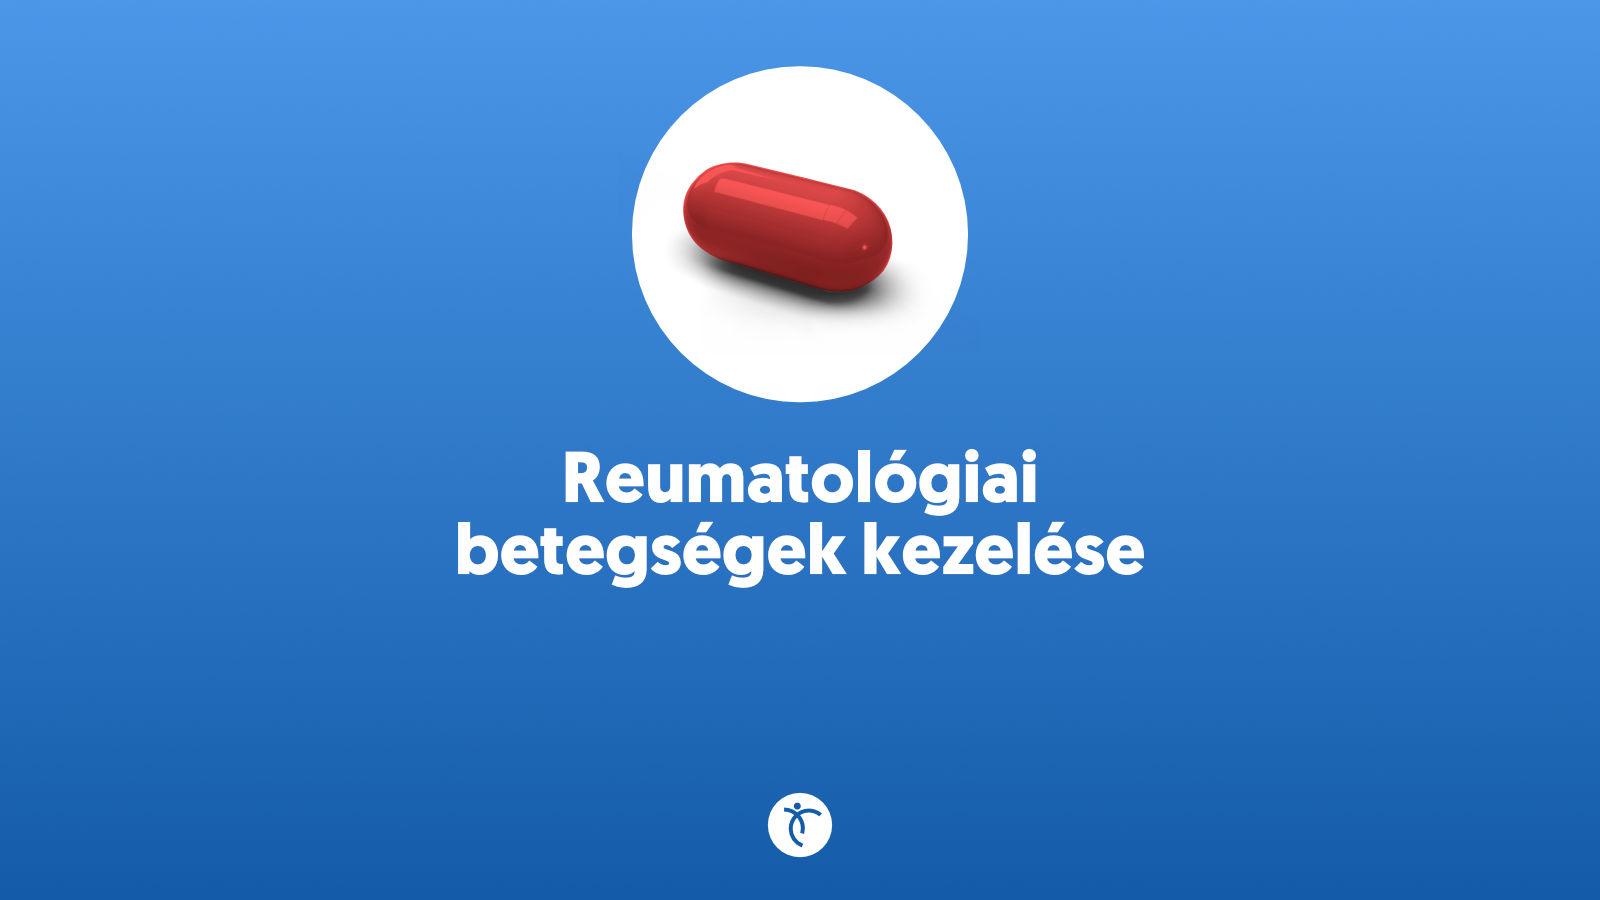 reuma-kezelése